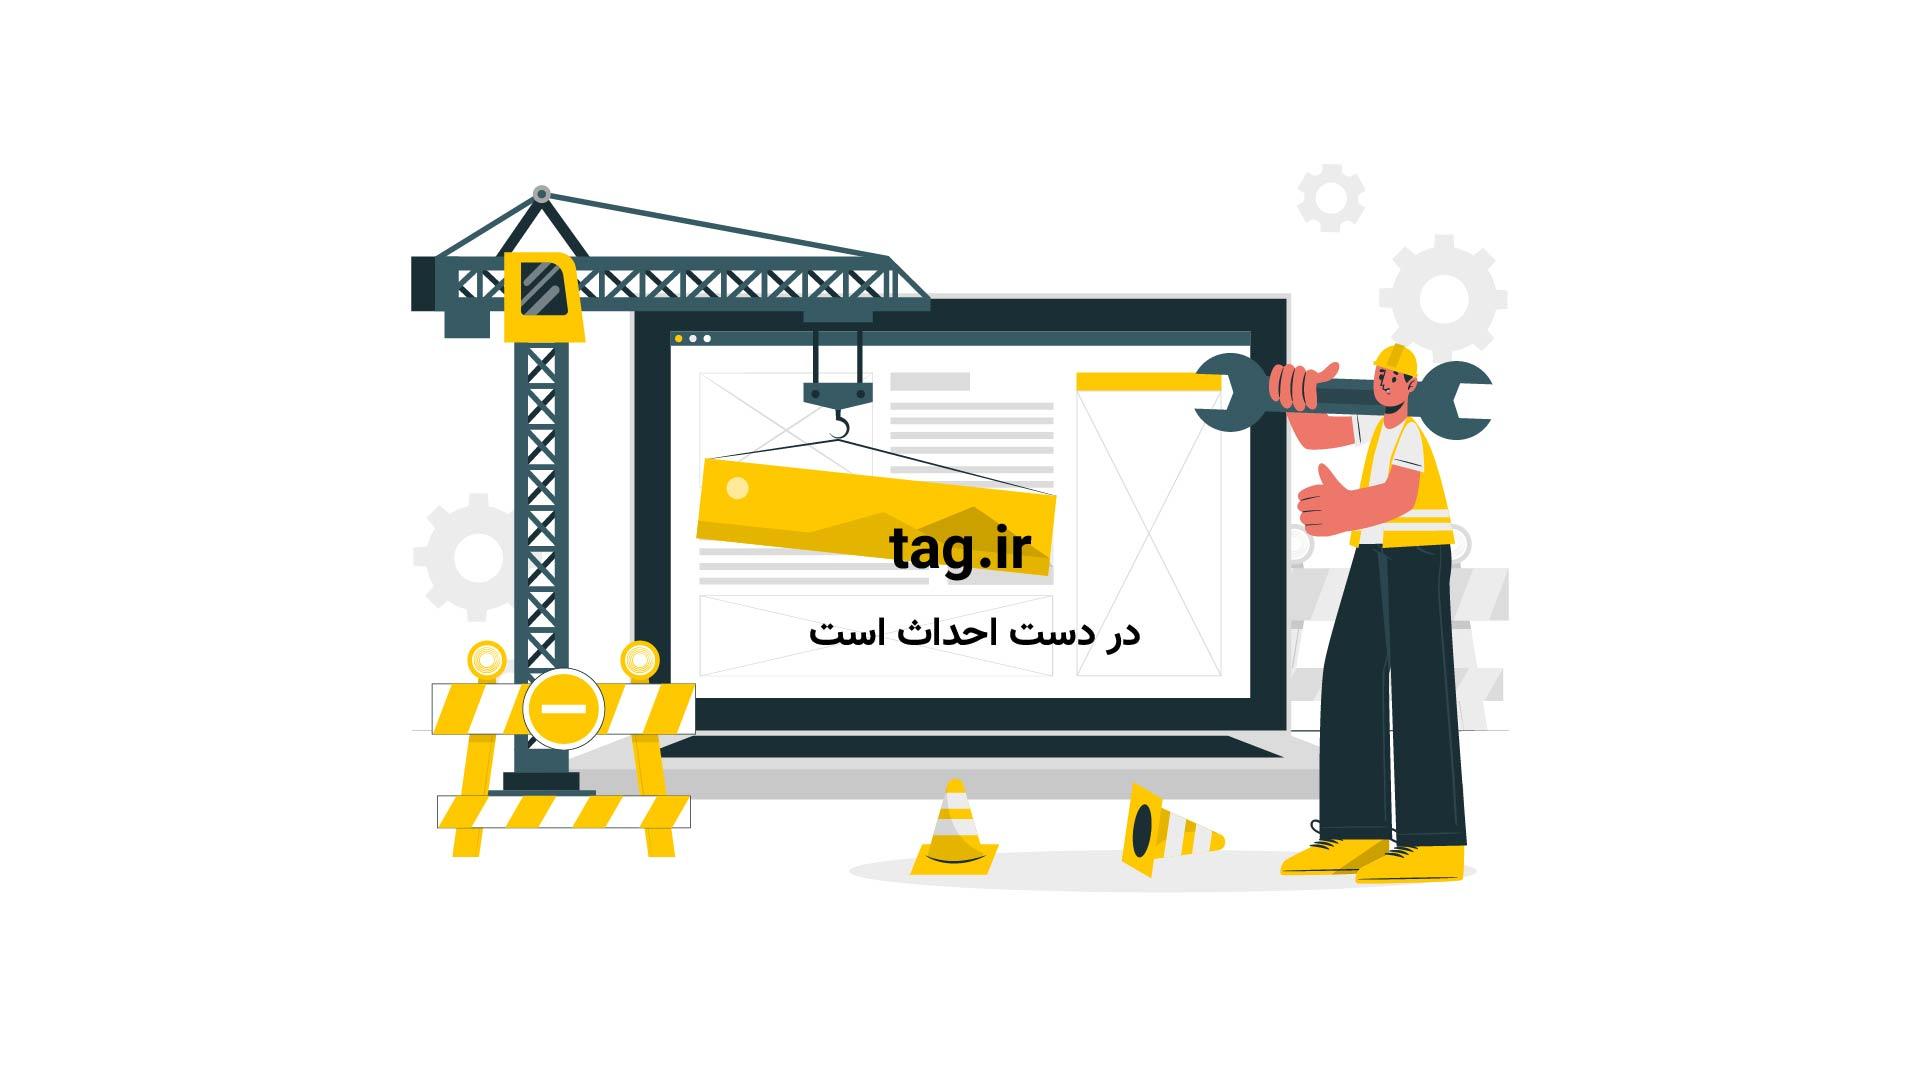 نقاشی سه بعدی کلاغ | تگ